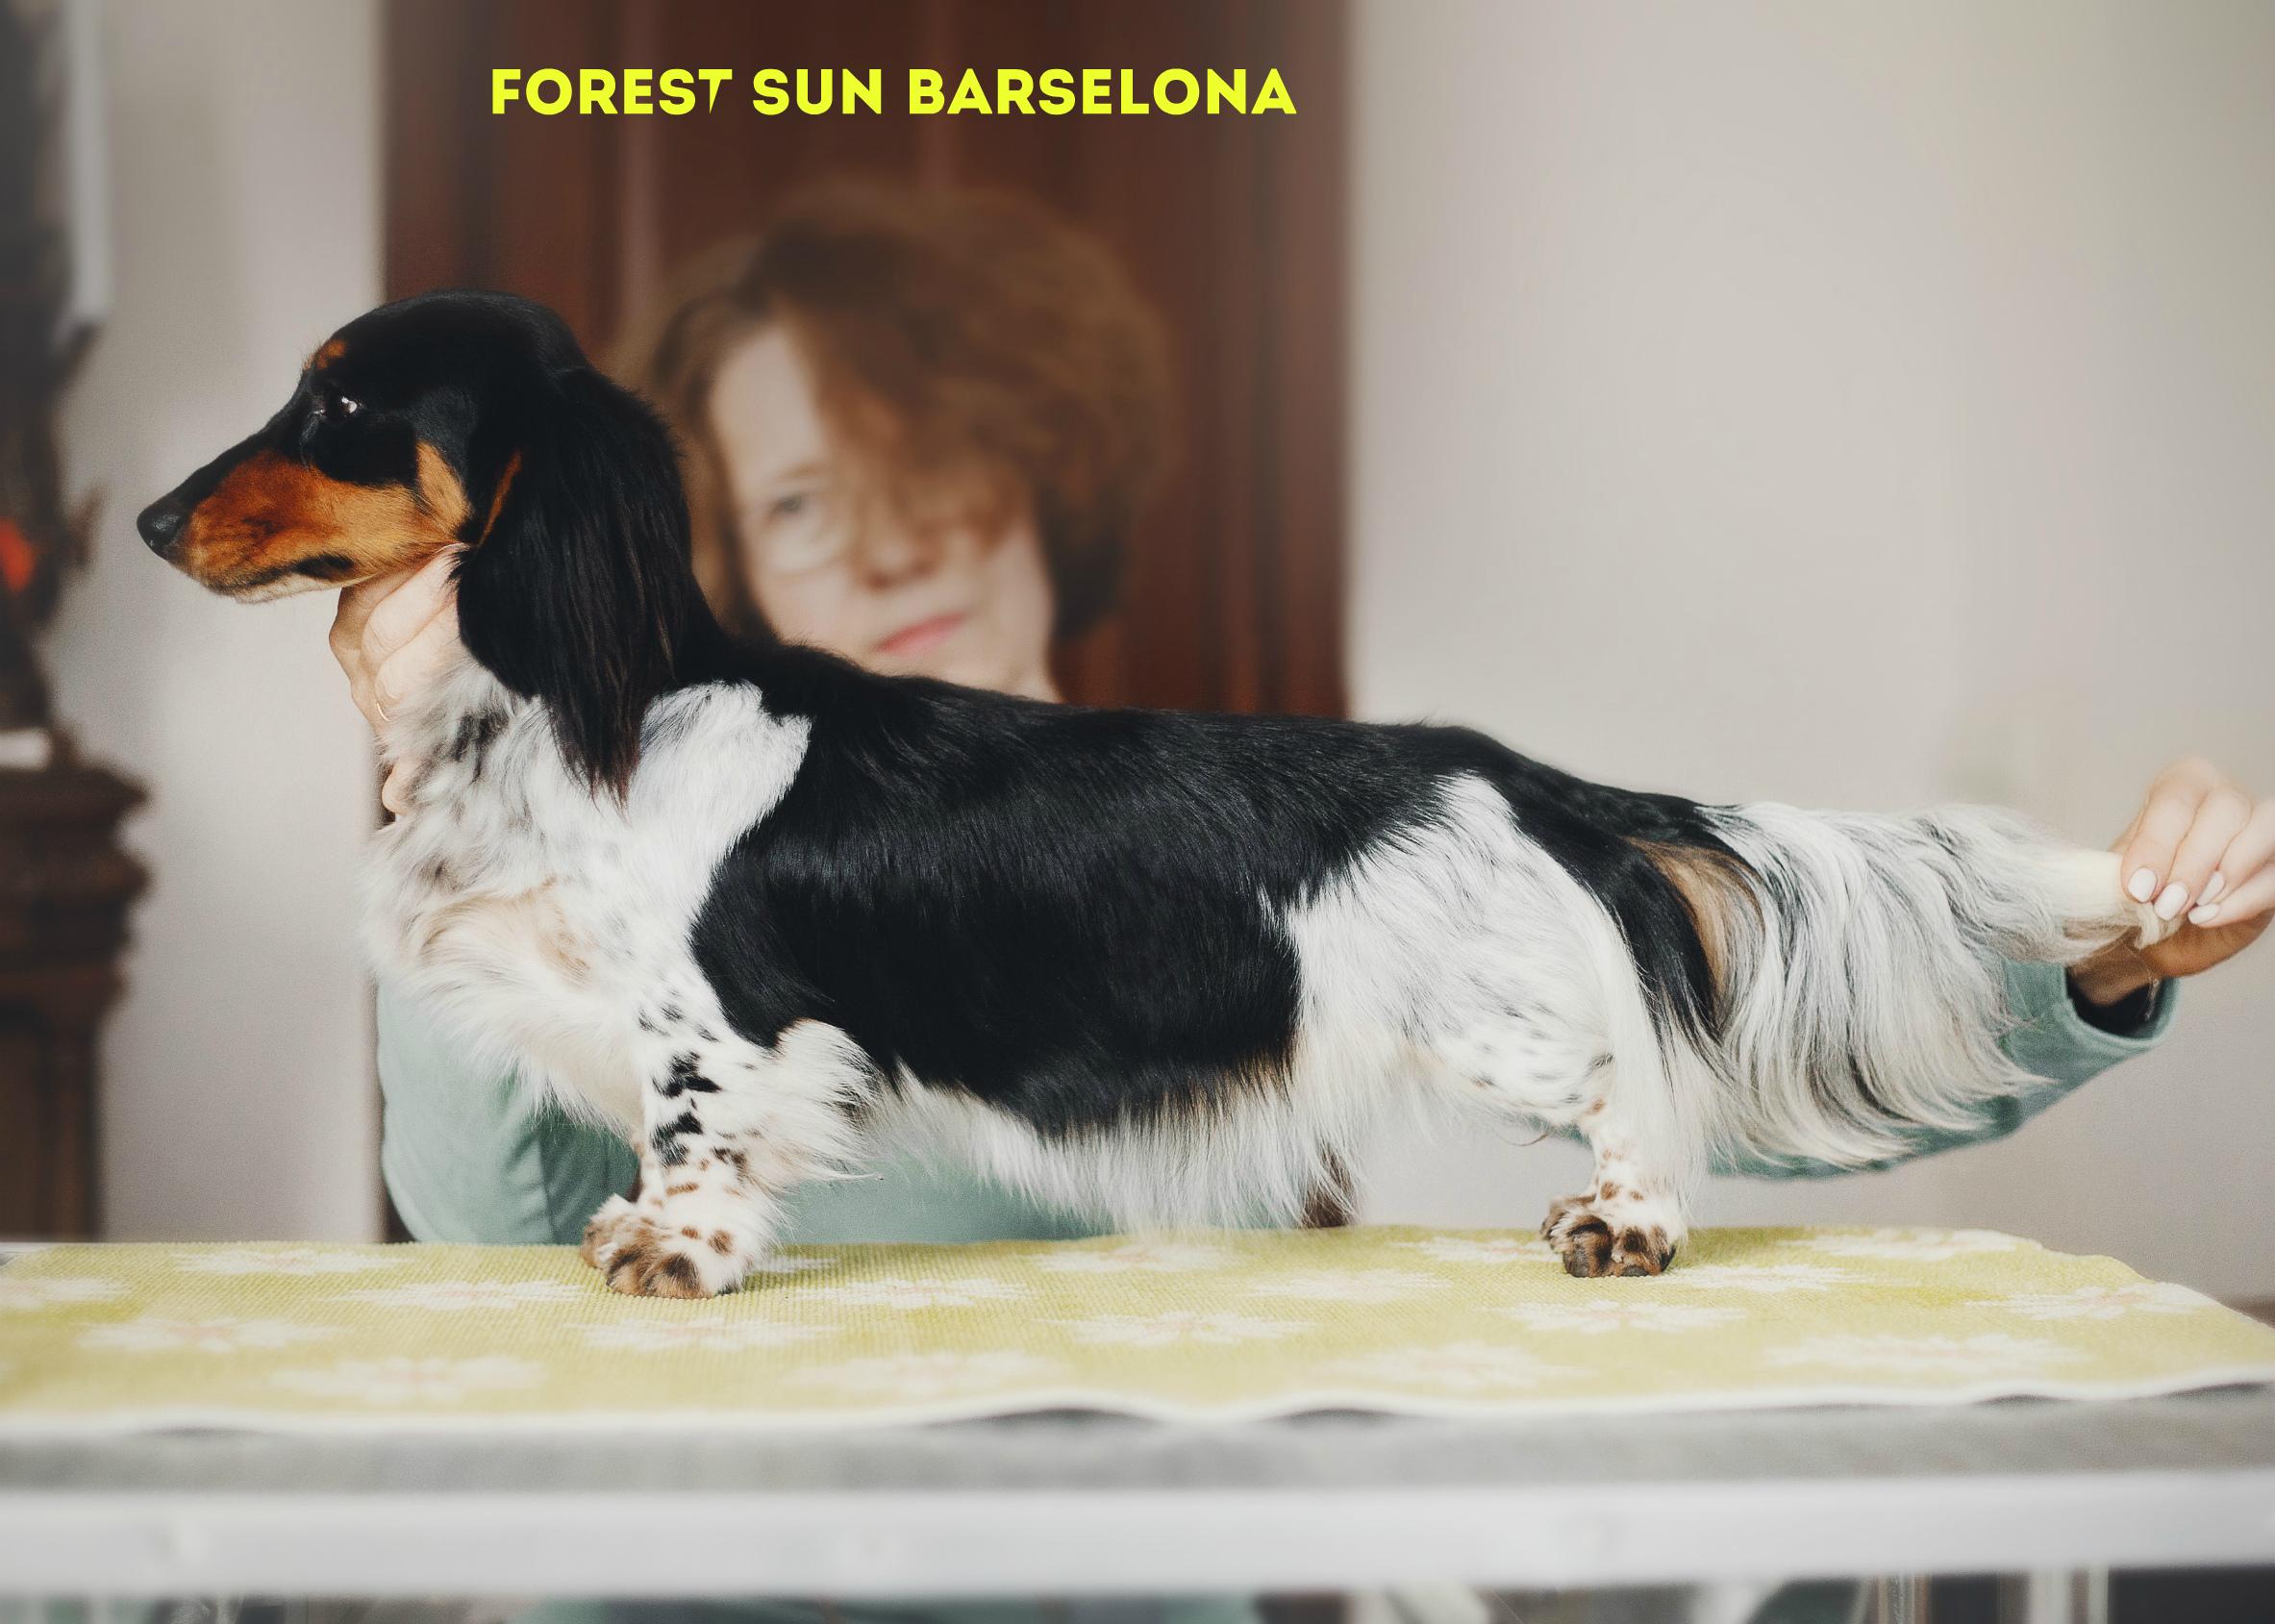 Forest Sun Barselona